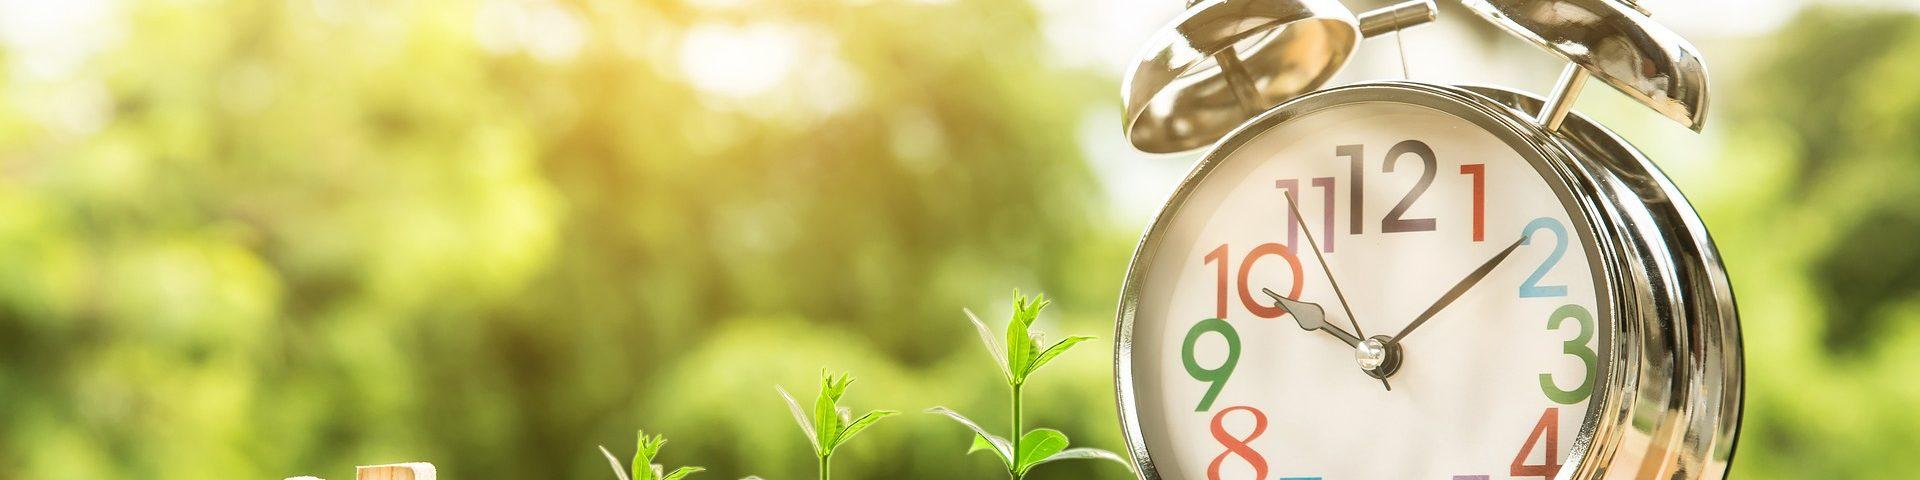 Erfolg bedeutet lange nicht nur das schnelle Erlangen finanzieller Mittel, sondern kann auch Selbsterfüllung und Glück bedeuten, doch nur wer Geduld und einen eisernen Willen hat, wird auf Dauer auch erfolgreich werden und bleiben